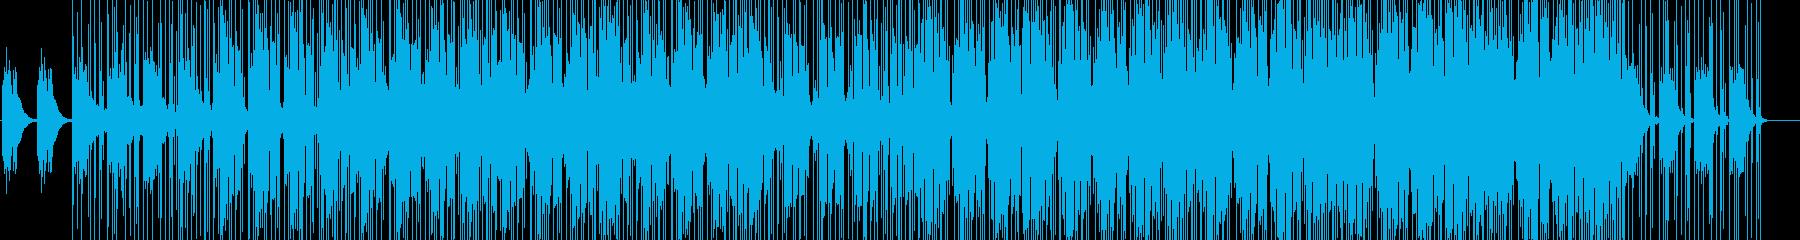 ピアノがメインのアンビエントミュージックの再生済みの波形